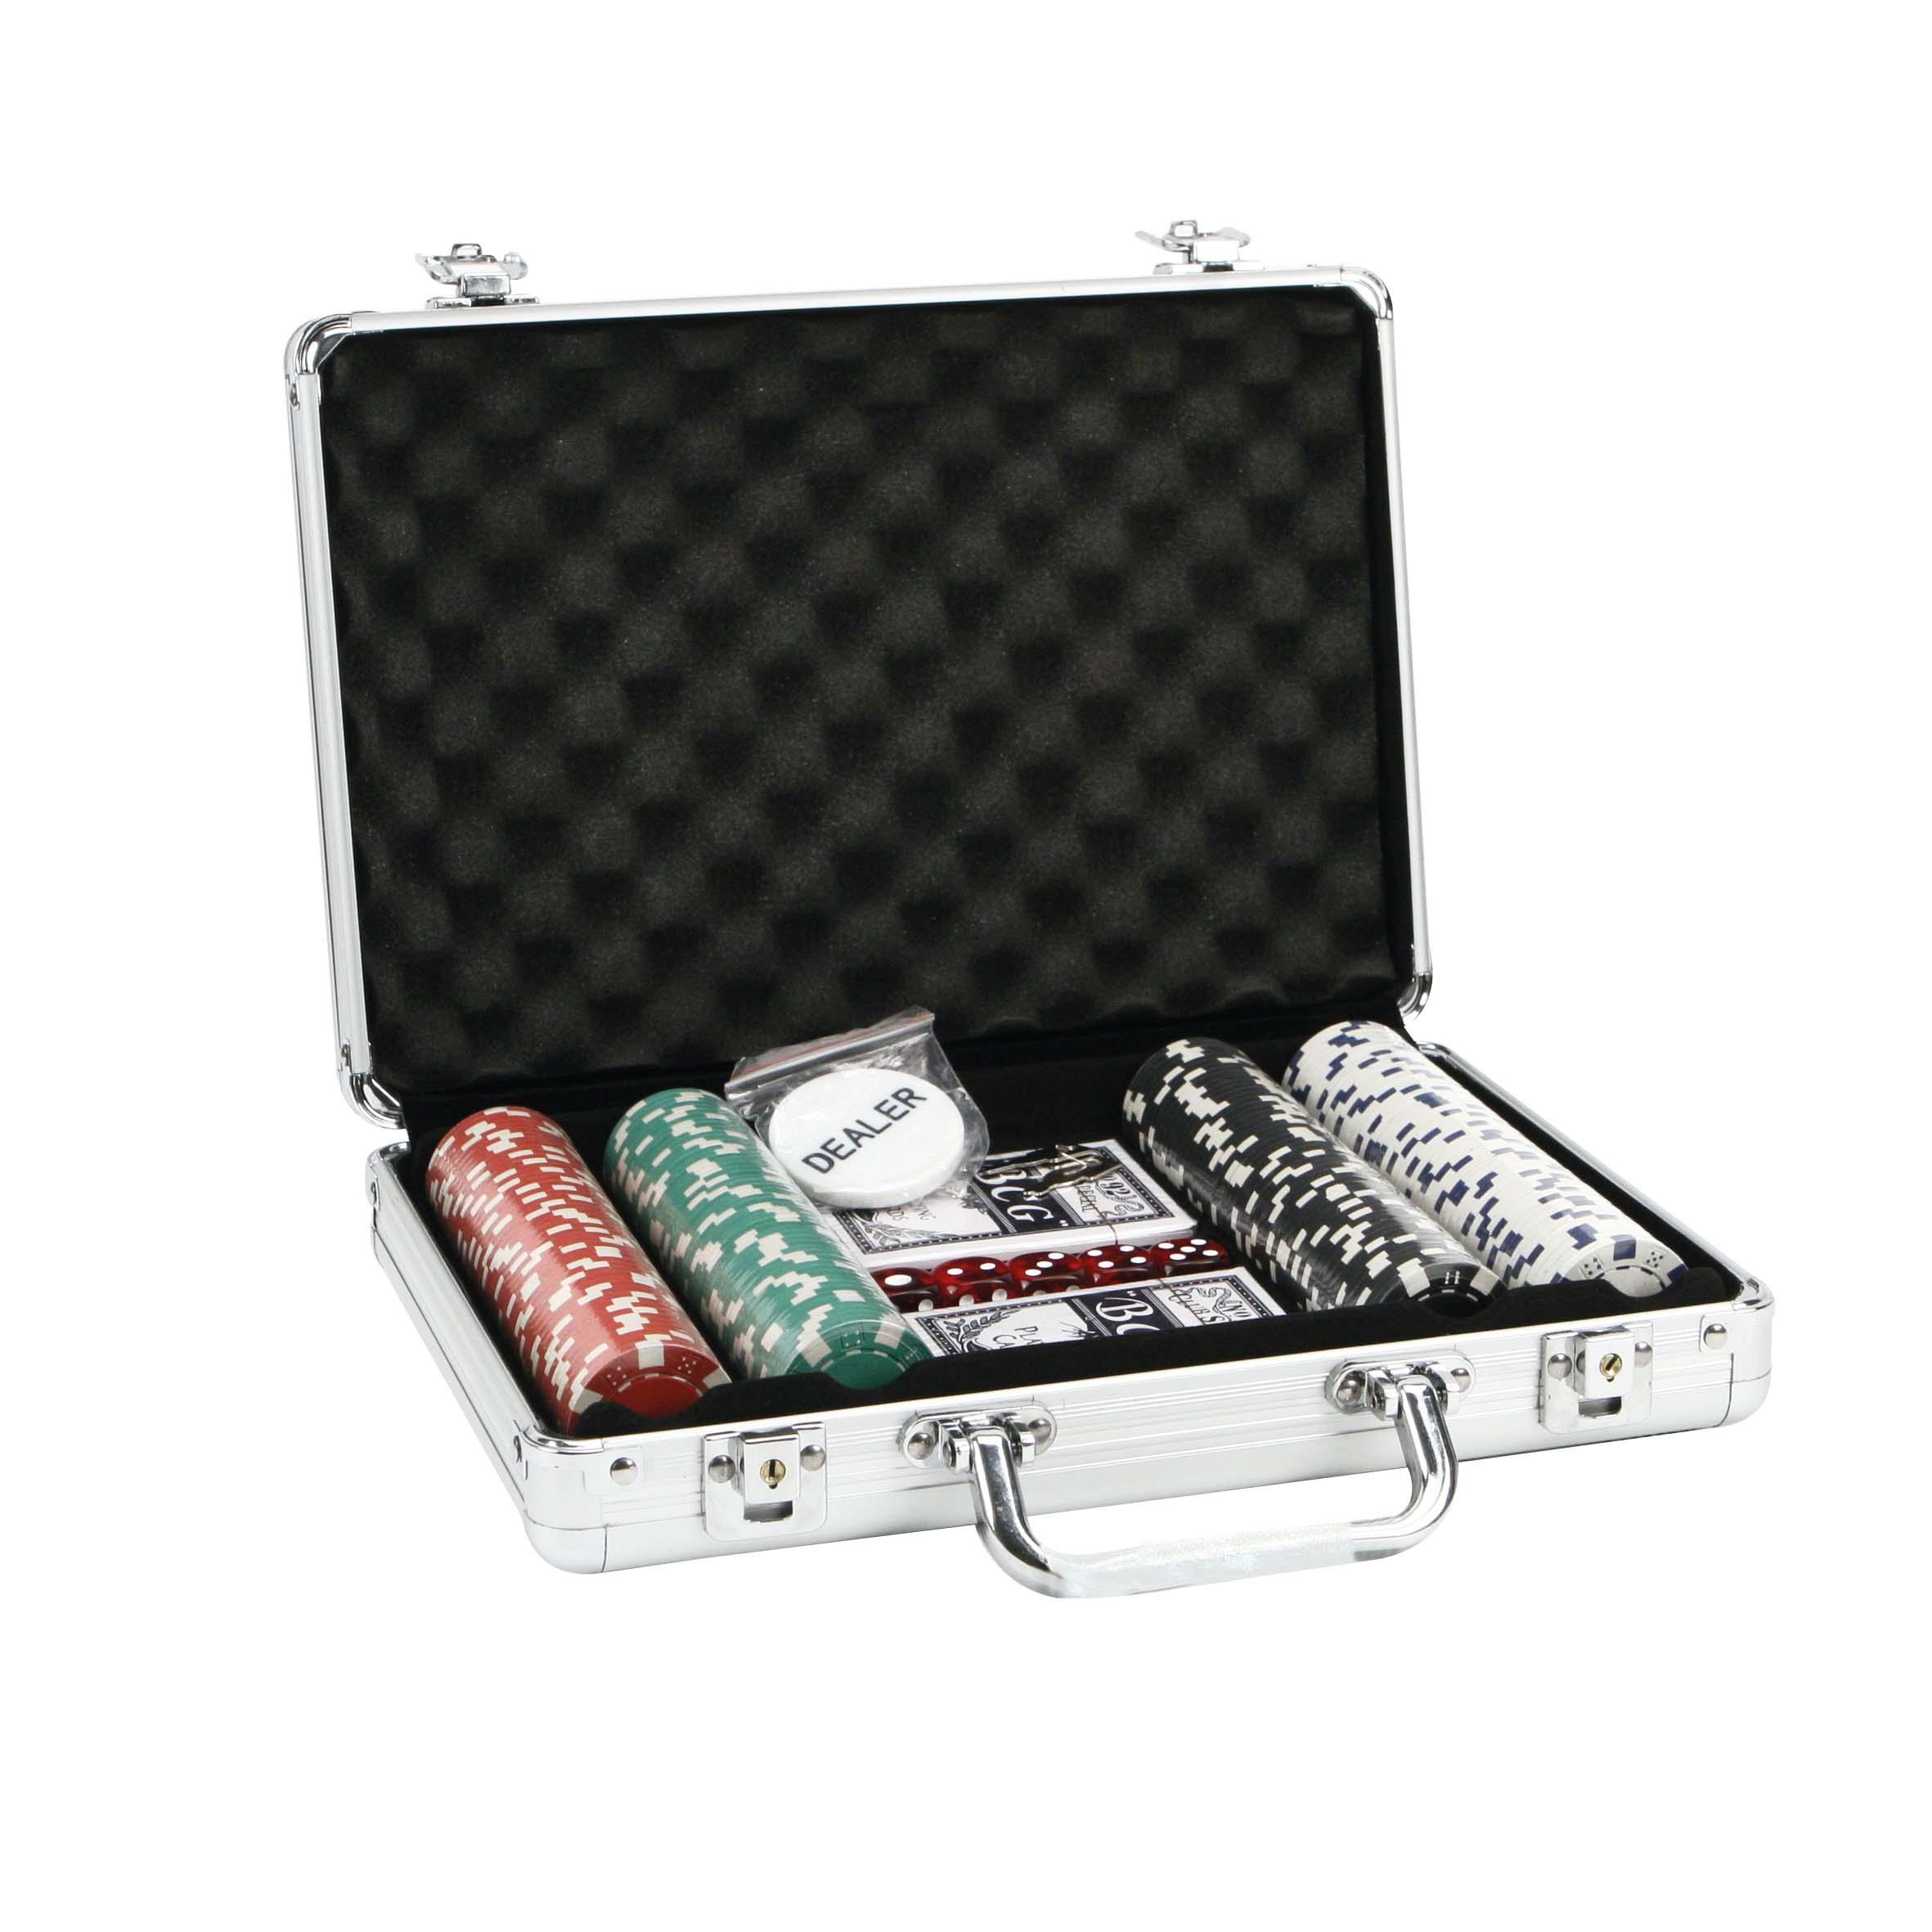 Afbeelding van Pokerset In Aluminium Box 200 Delig